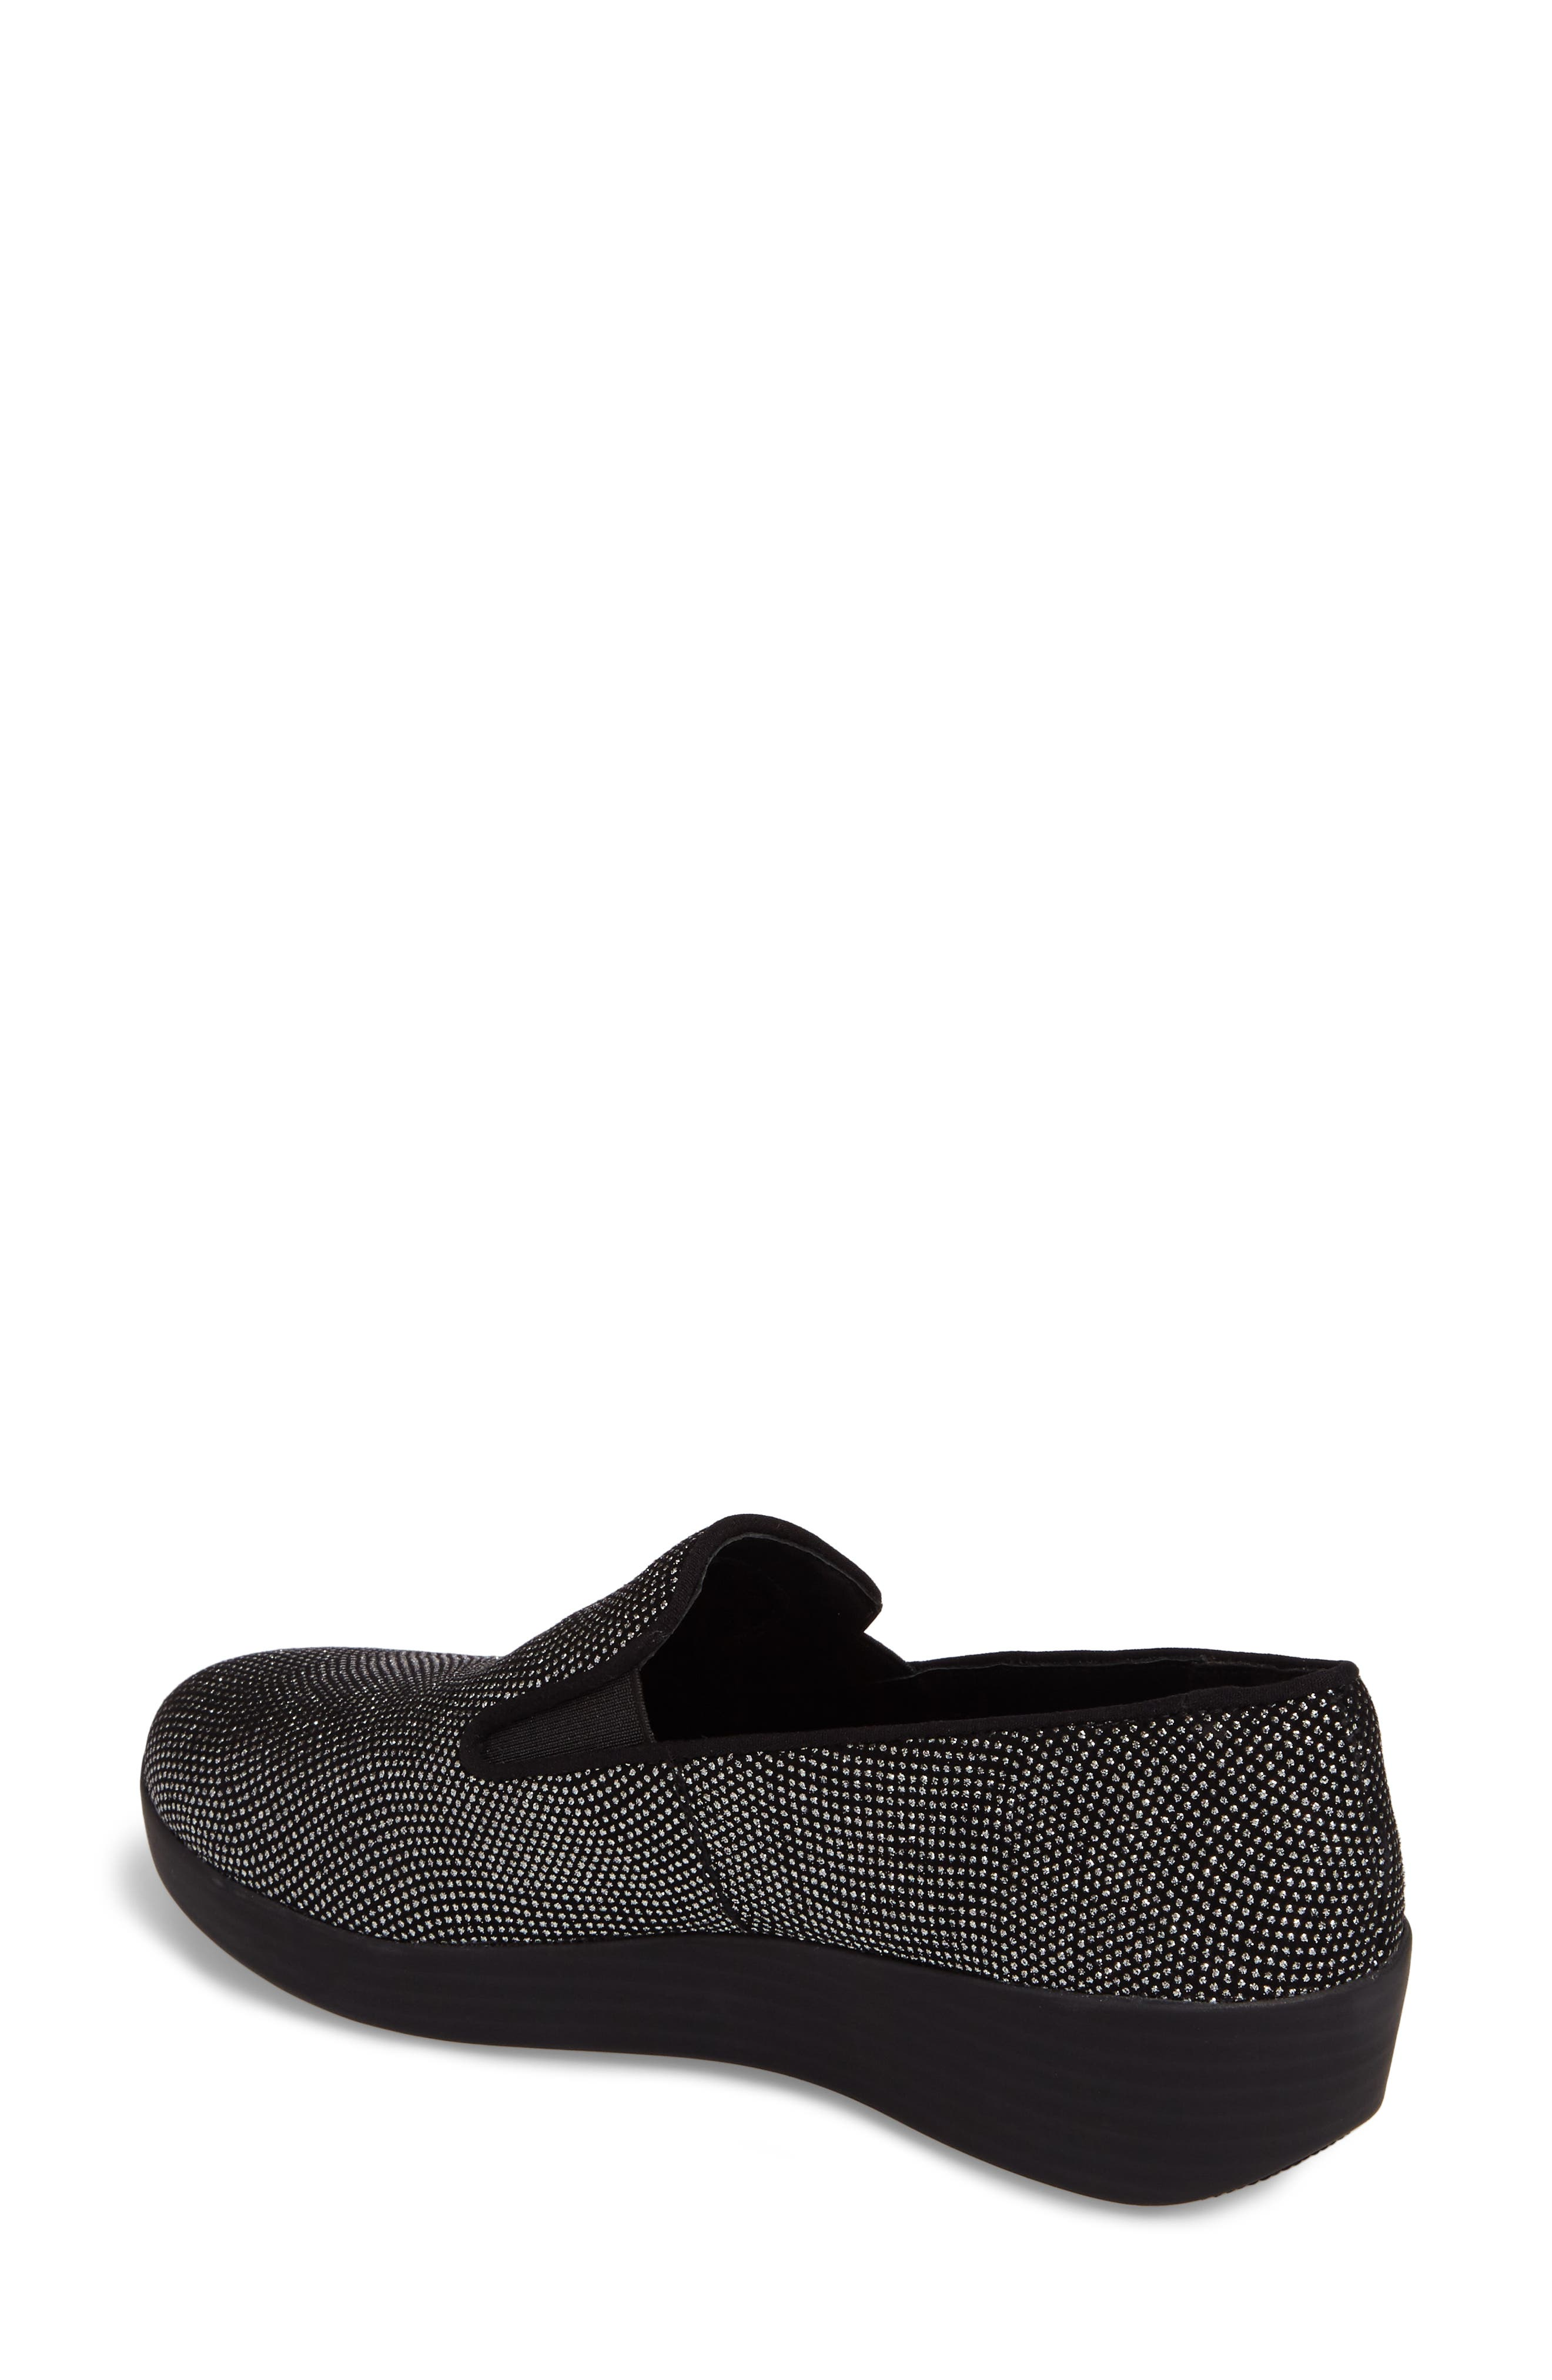 Superskate Glitter Dot Slip-On Sneaker,                             Alternate thumbnail 2, color,                             Black Glimmer Suede